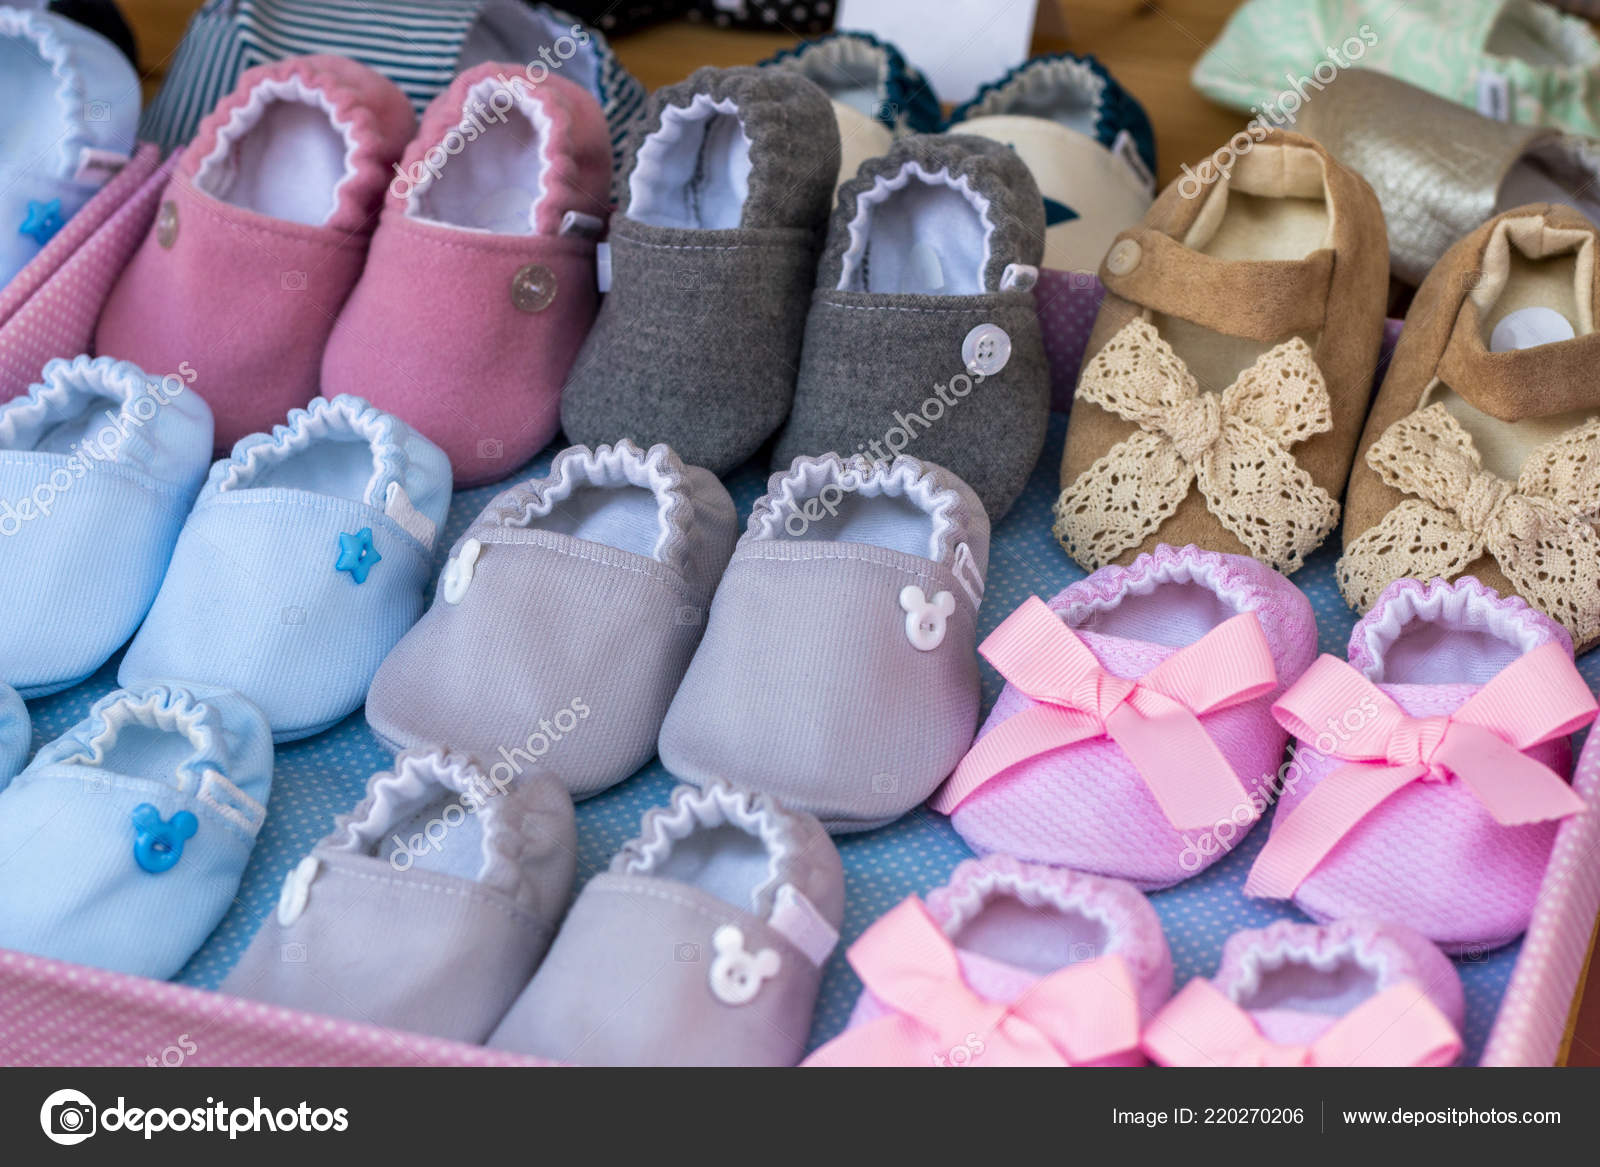 eebfb931a5 Cerrar vista de varios zapatos de bebé, para niña y niño.– imagen de stock